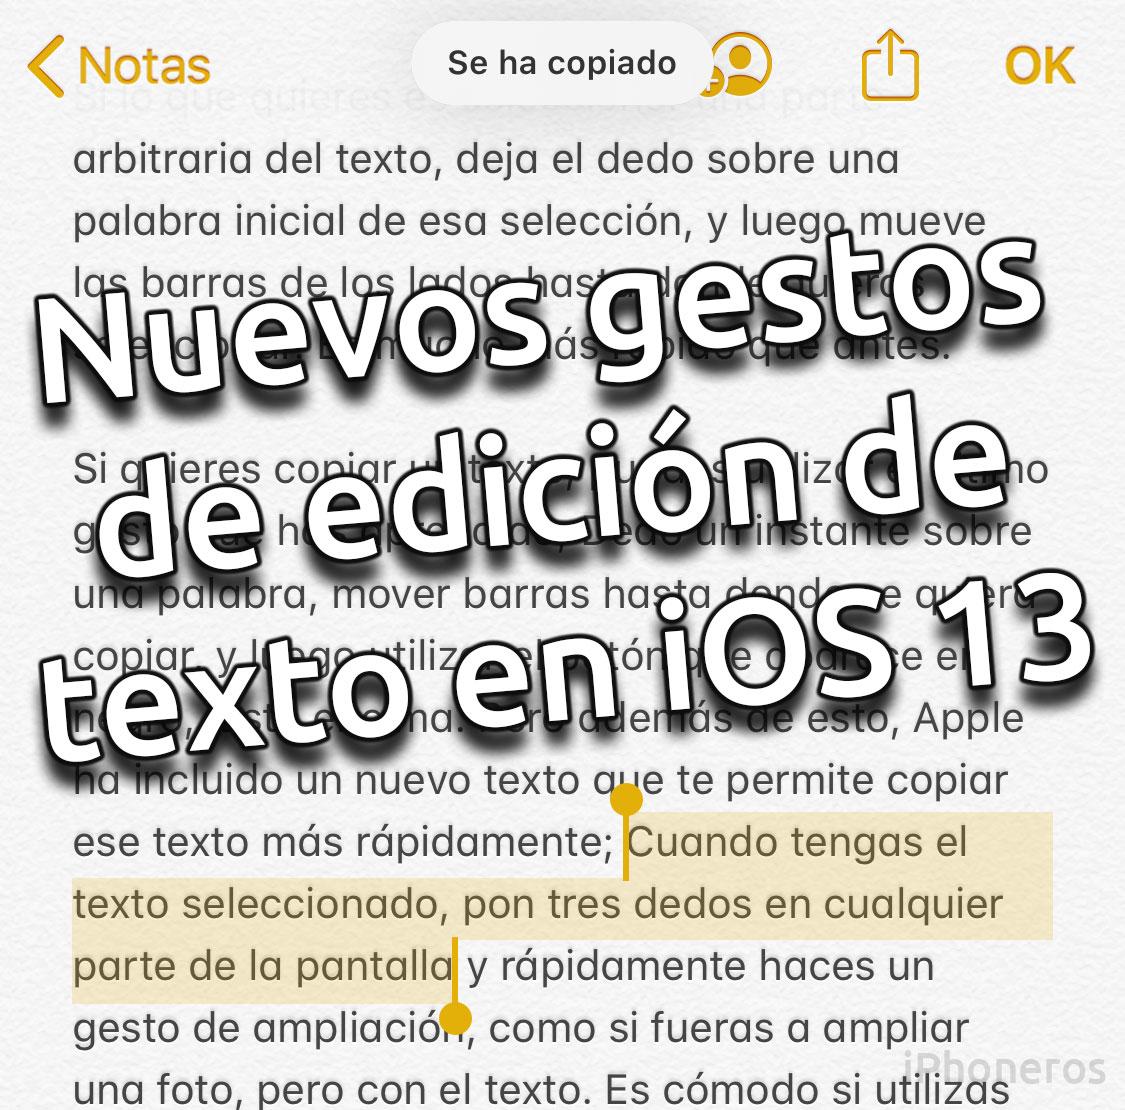 Nuevos gestos de edición de texto en iOS 13